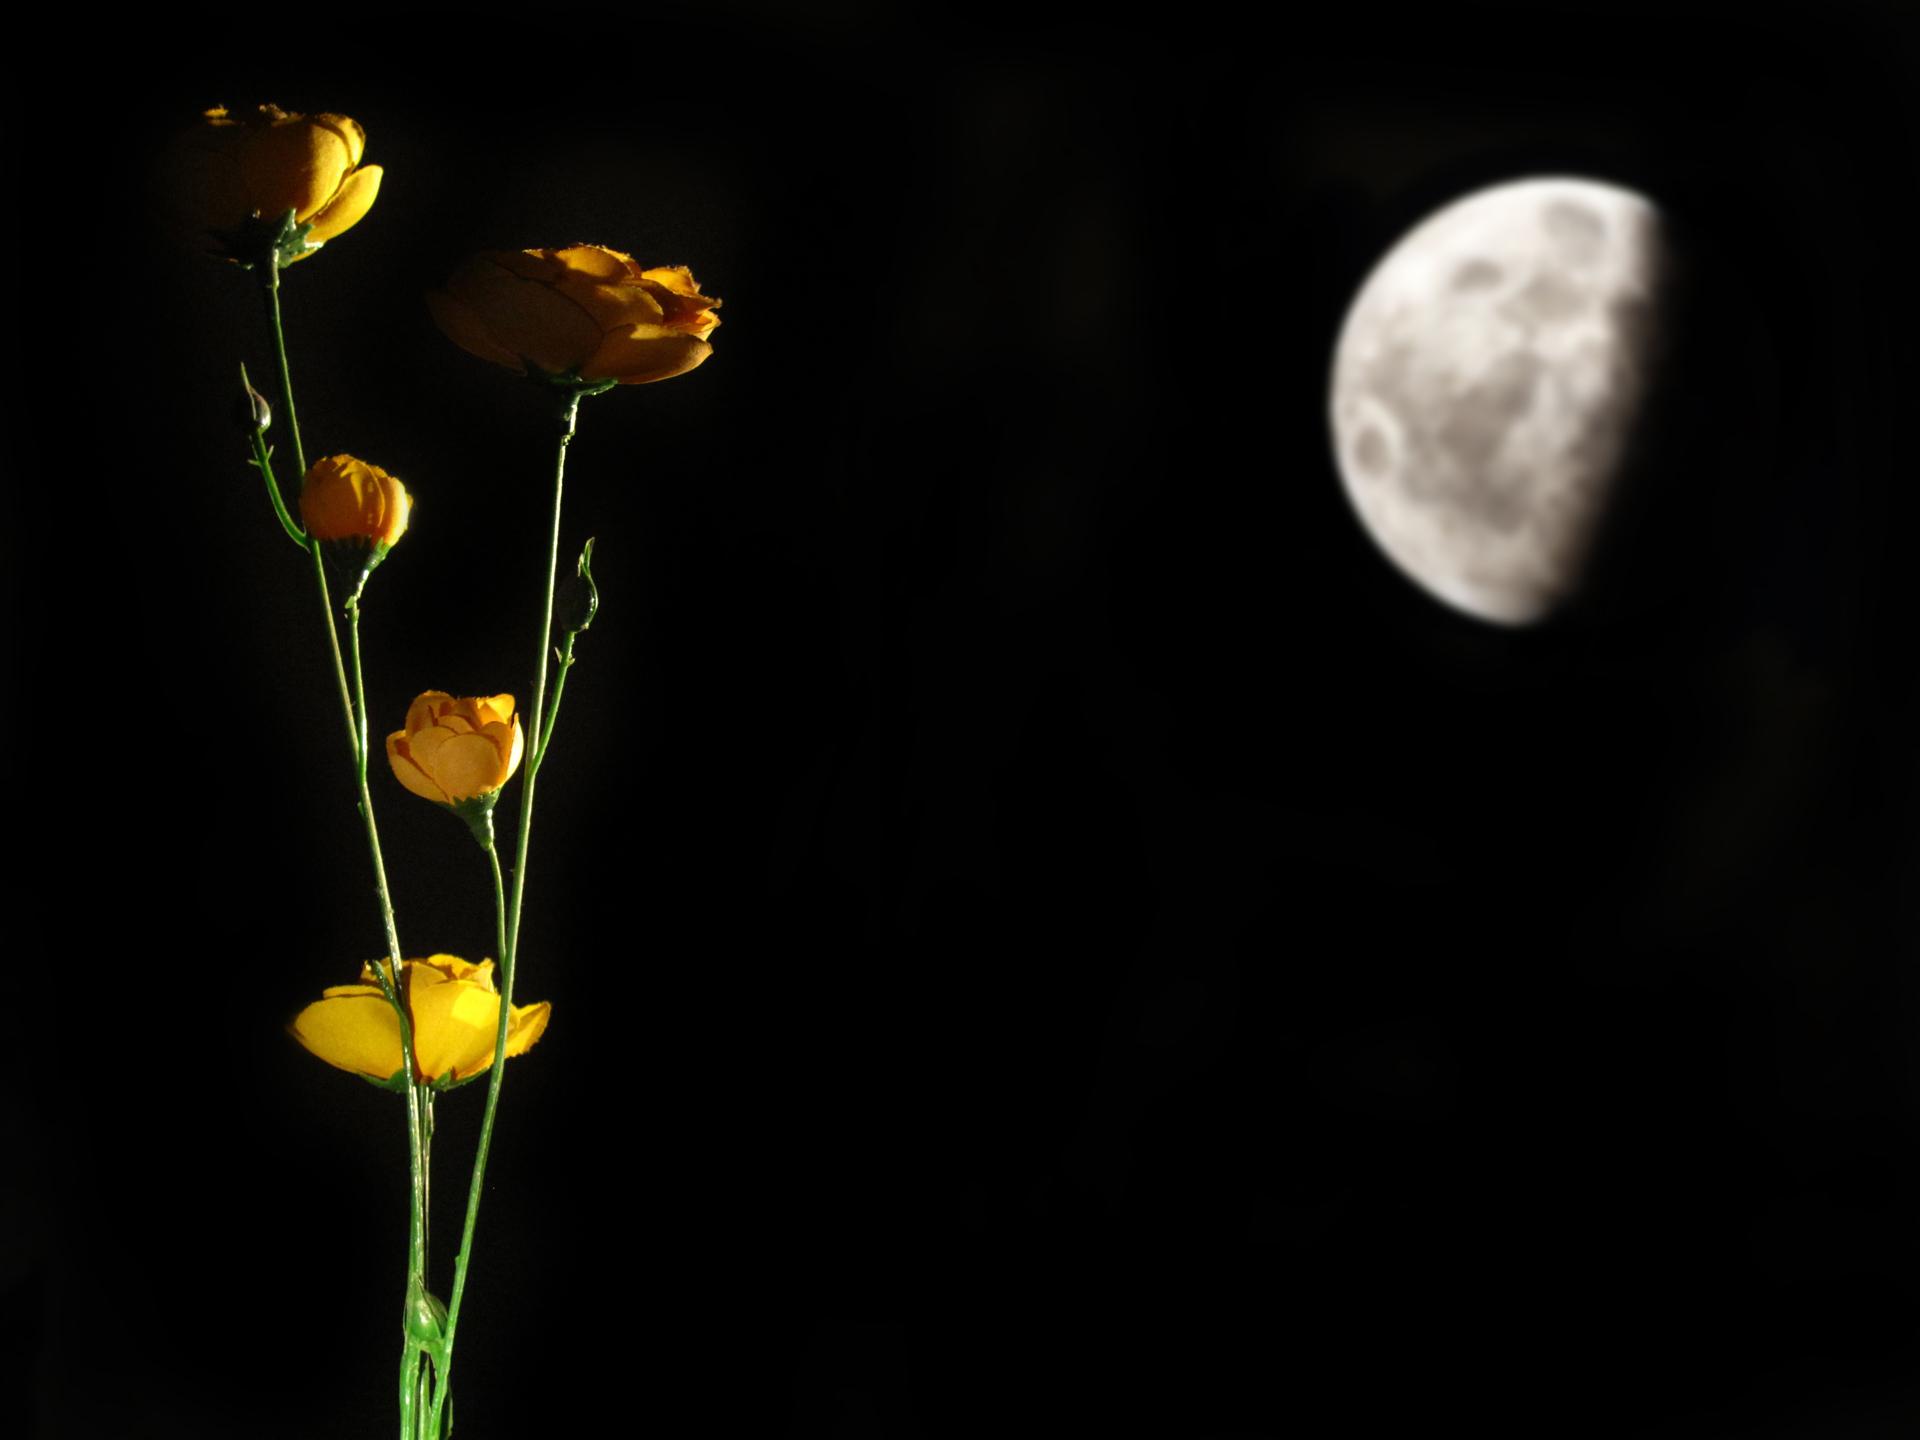 מוכה ירח - אור הירח - יואל שתרוג - אדמה יוצרת - yoel sitruk